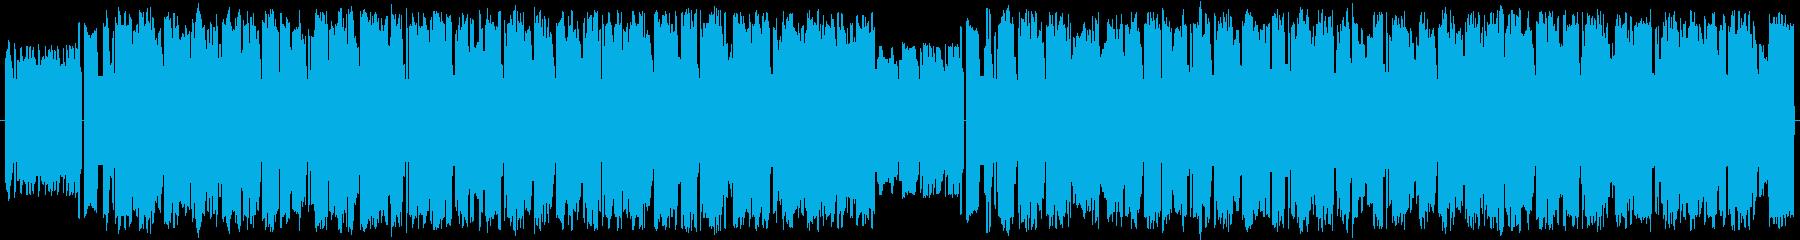 8bit風ルンバBGMの再生済みの波形